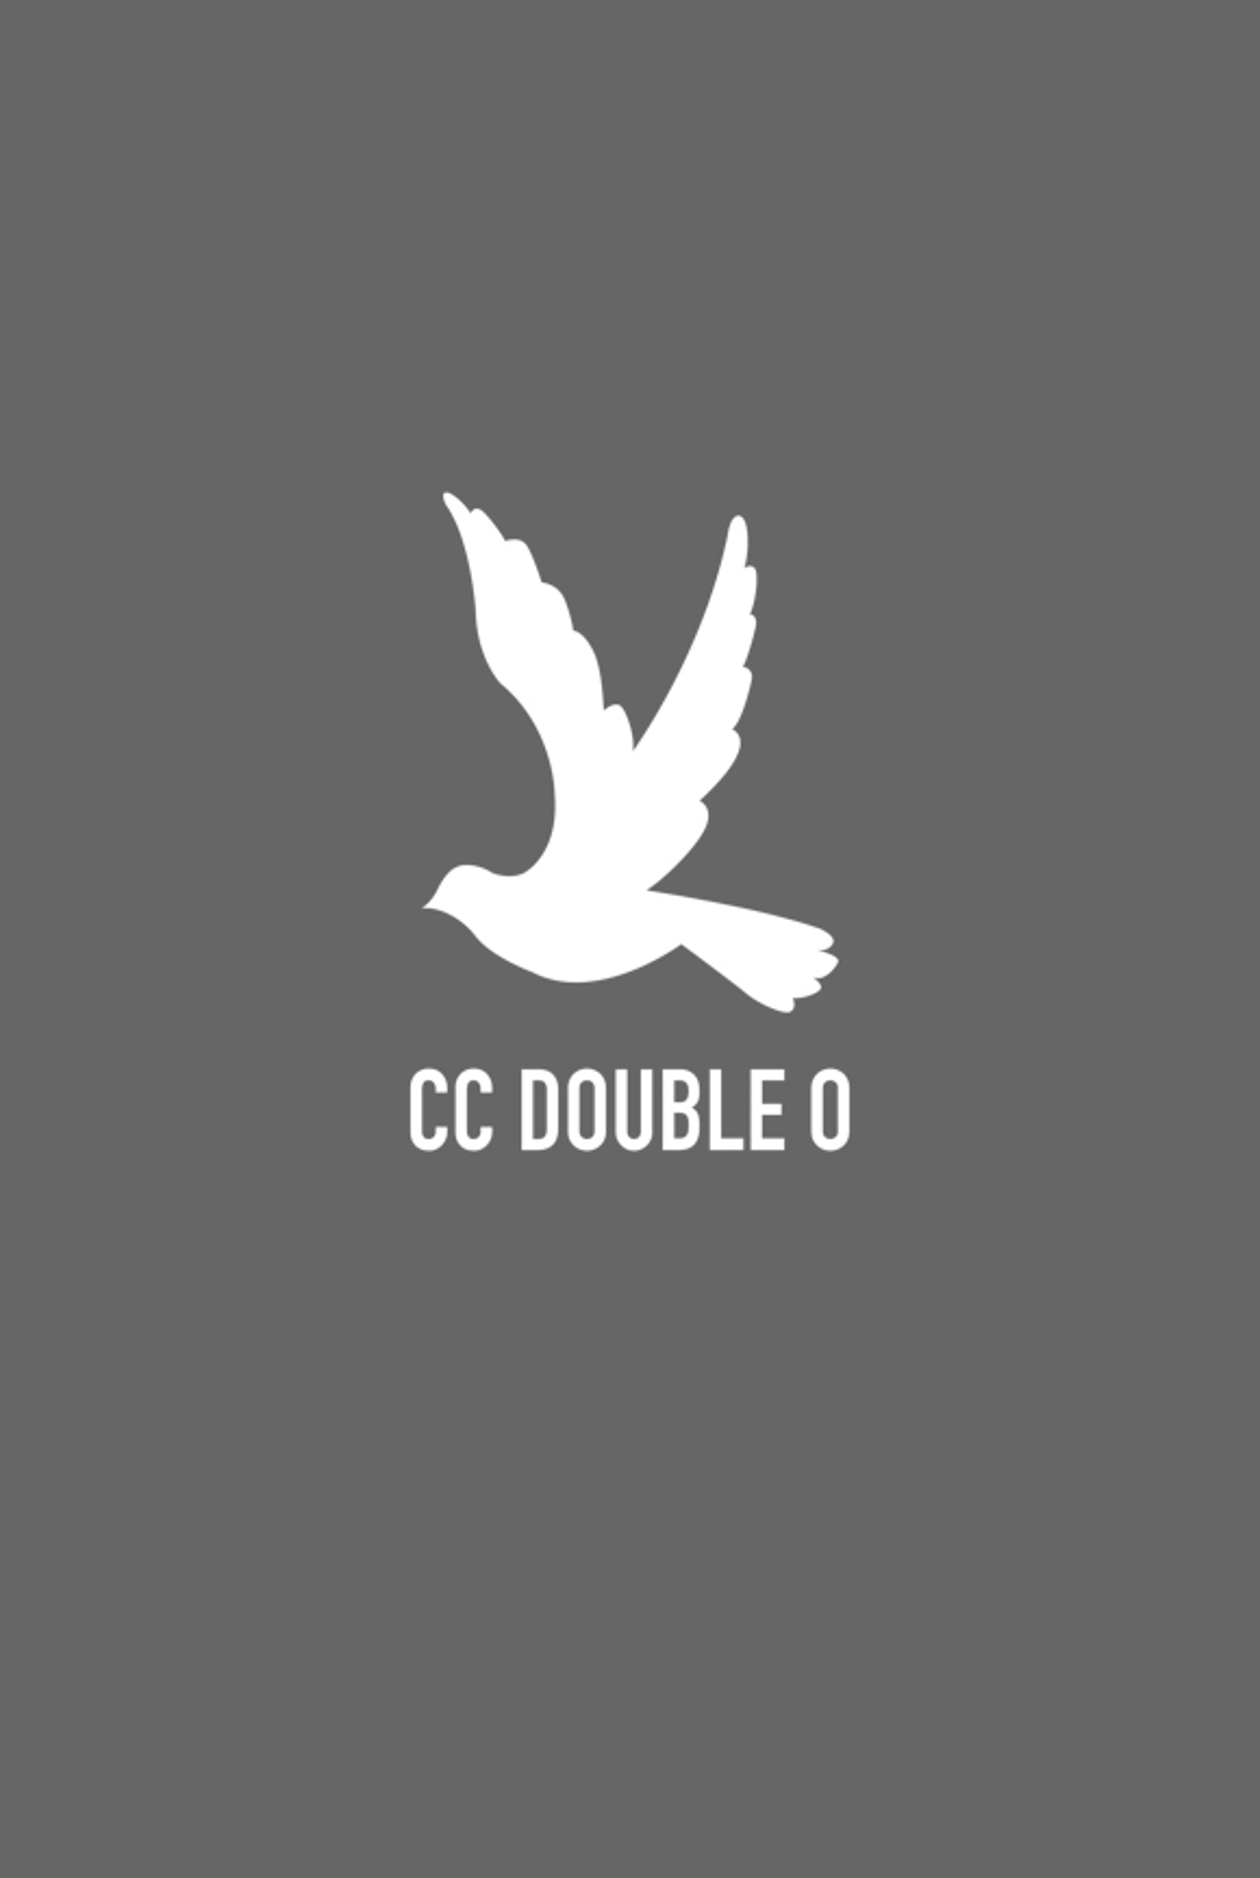 CC DOUBLE O LOGO GRAPHIC TEE